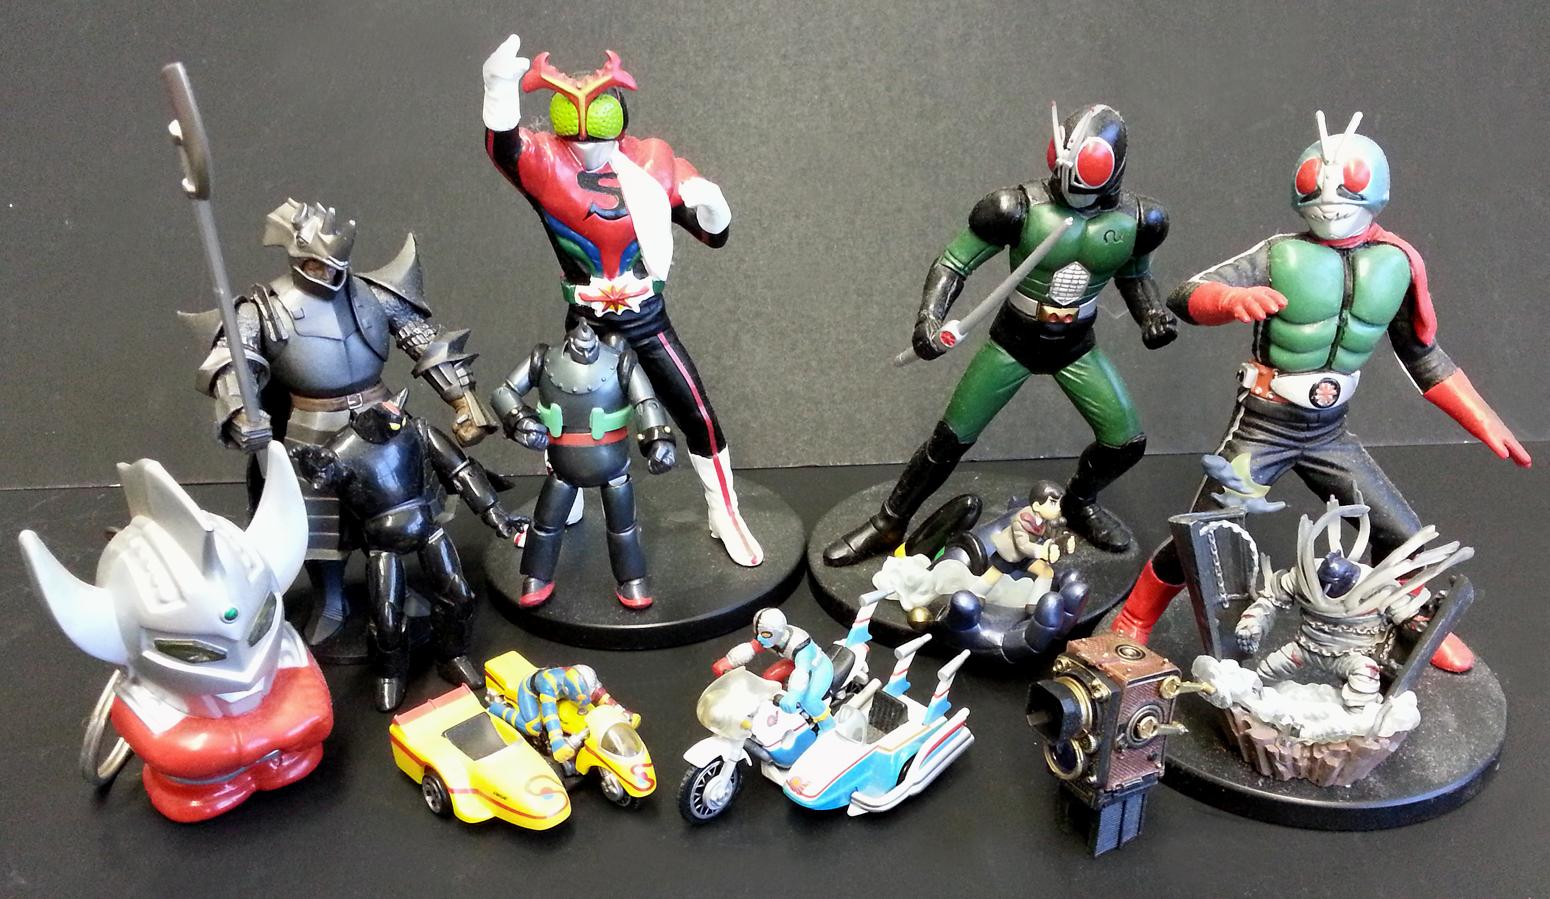 Japanese Superheroes Costumes Speaking of Japanese Superhero